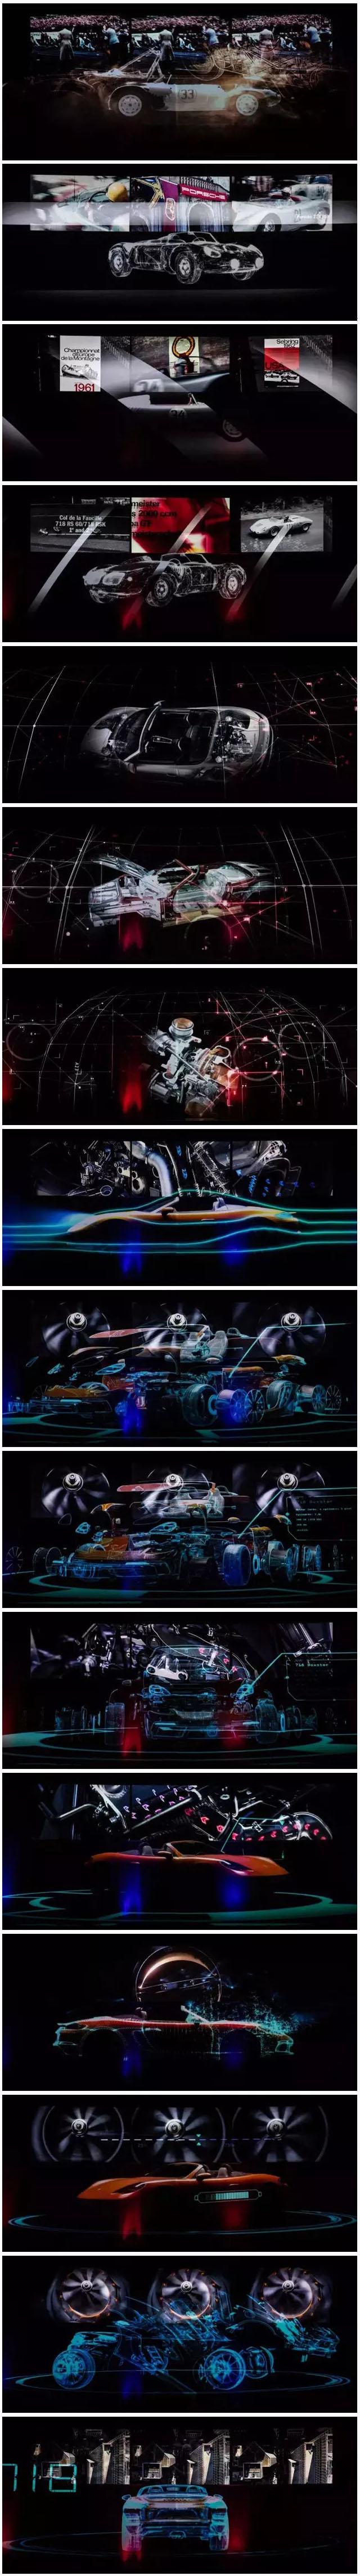 震撼的保时捷718 Boxster全息投影发布会